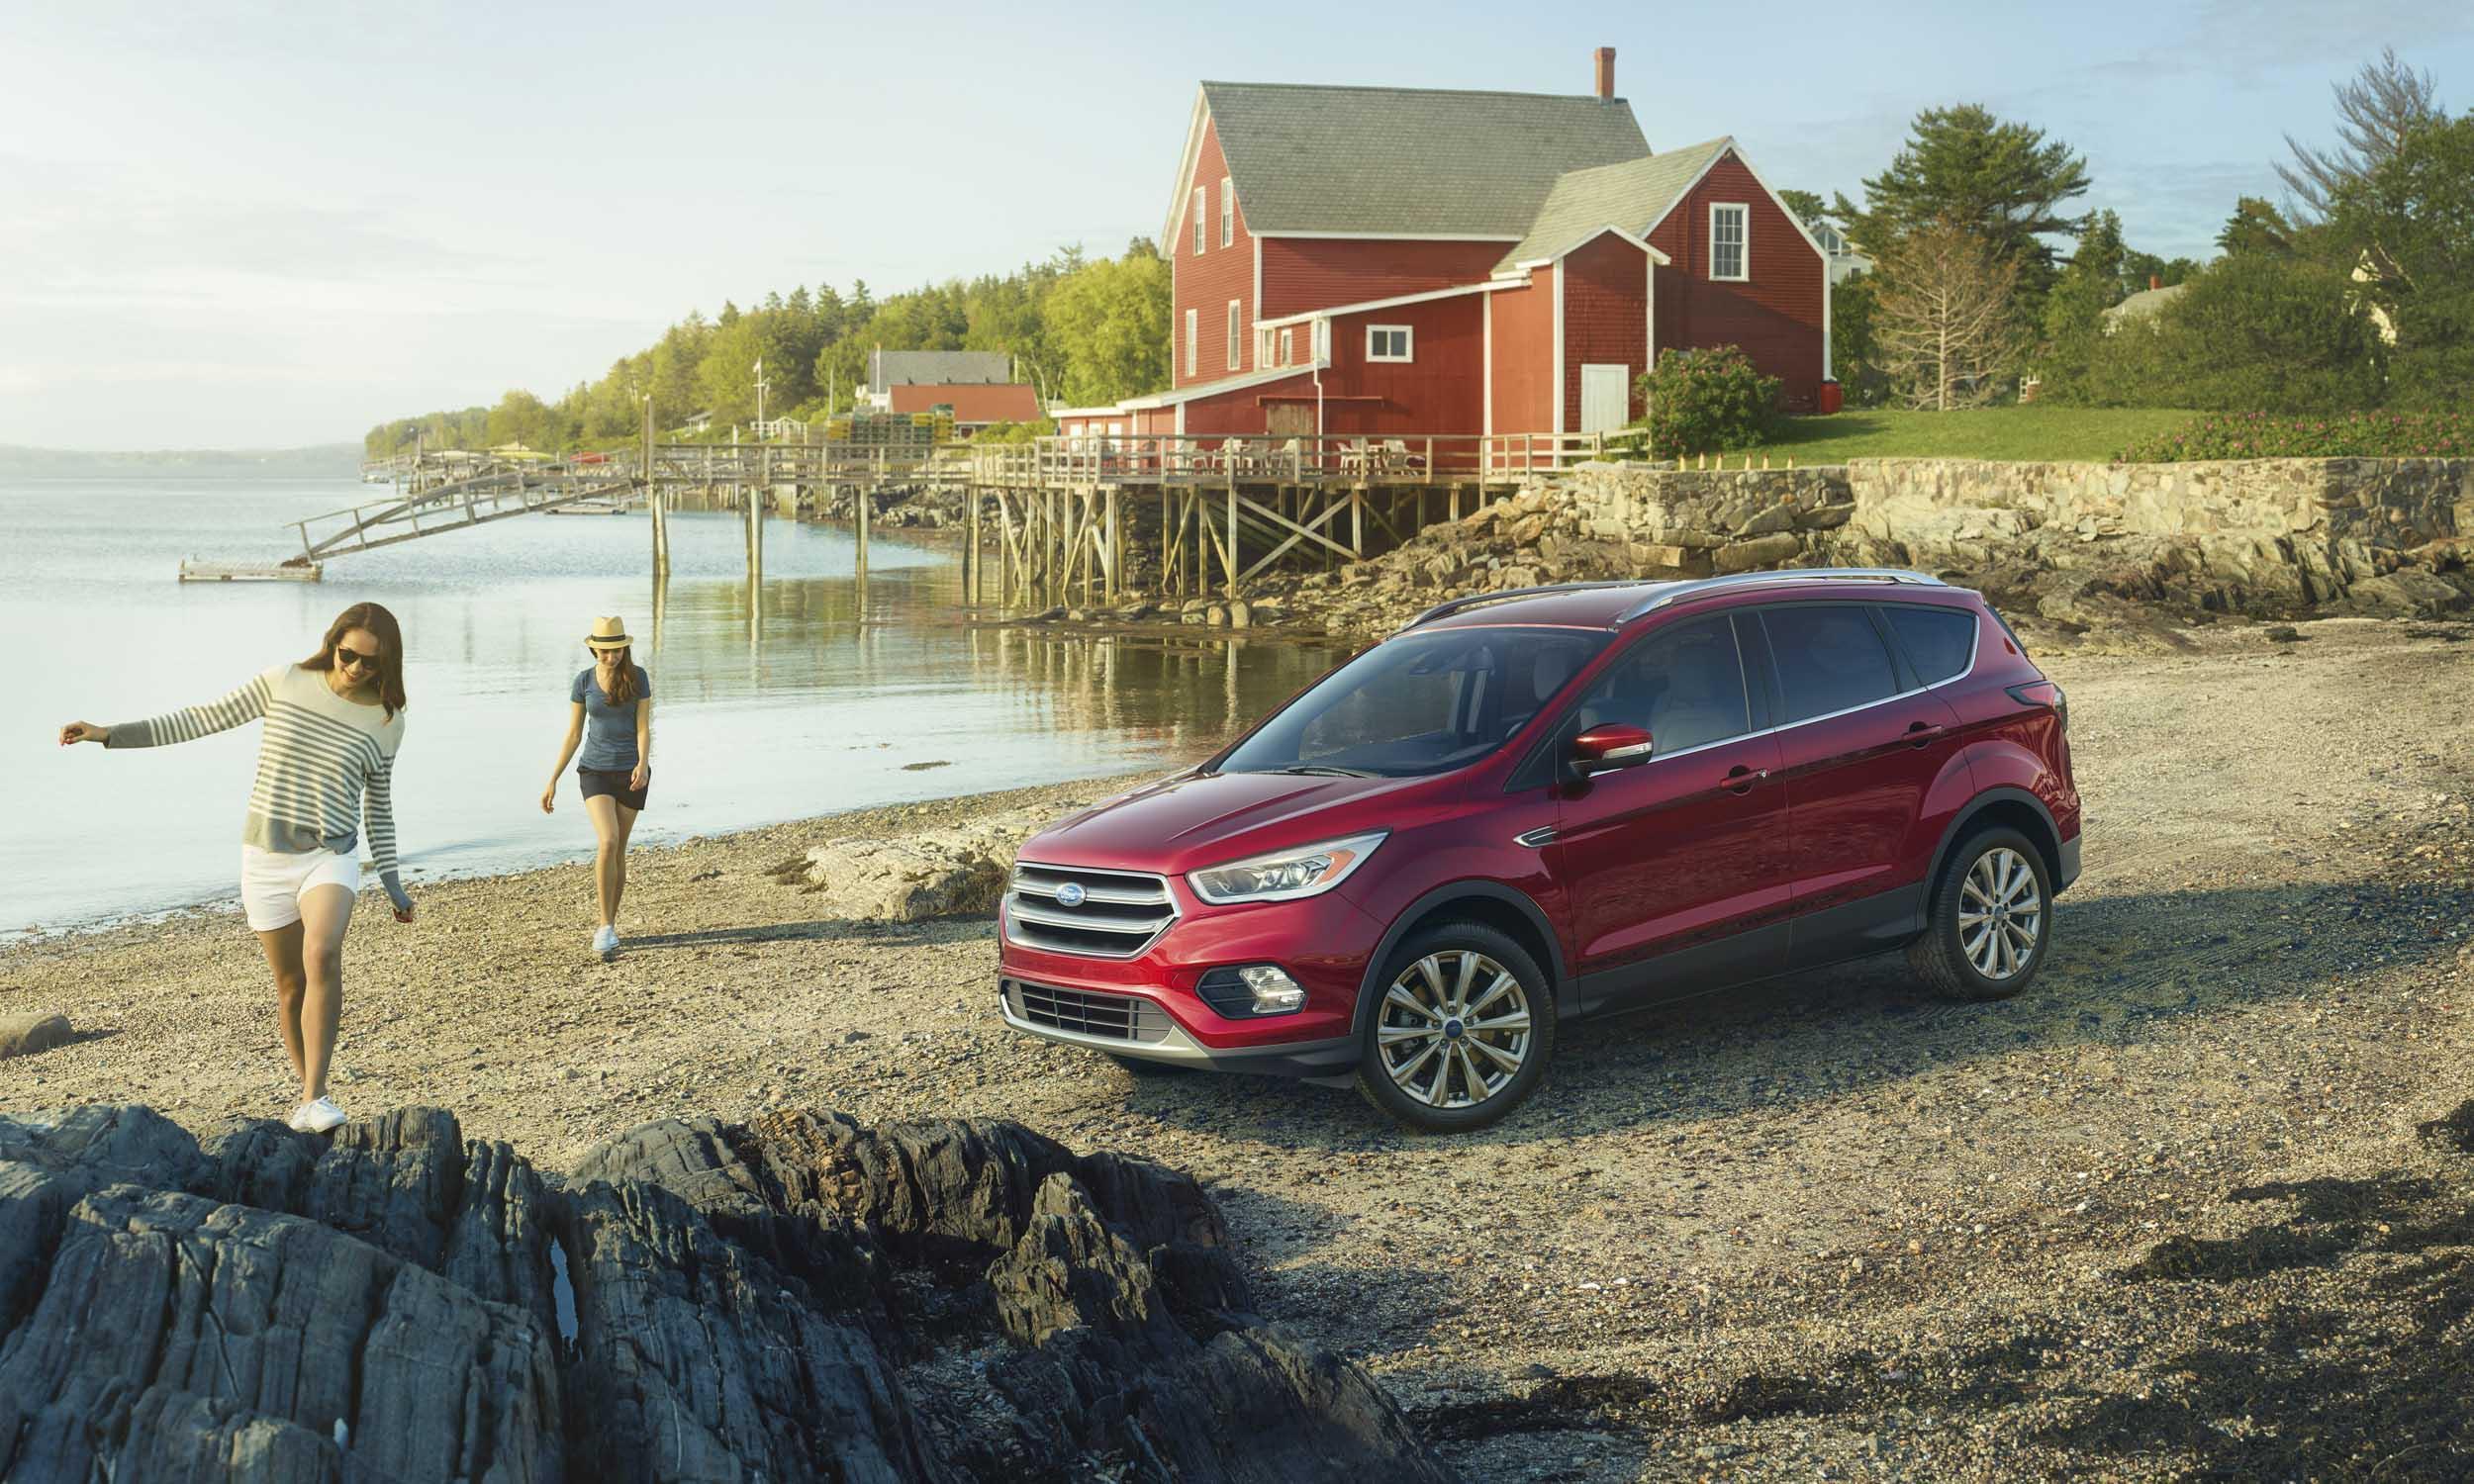 Ford Escape image